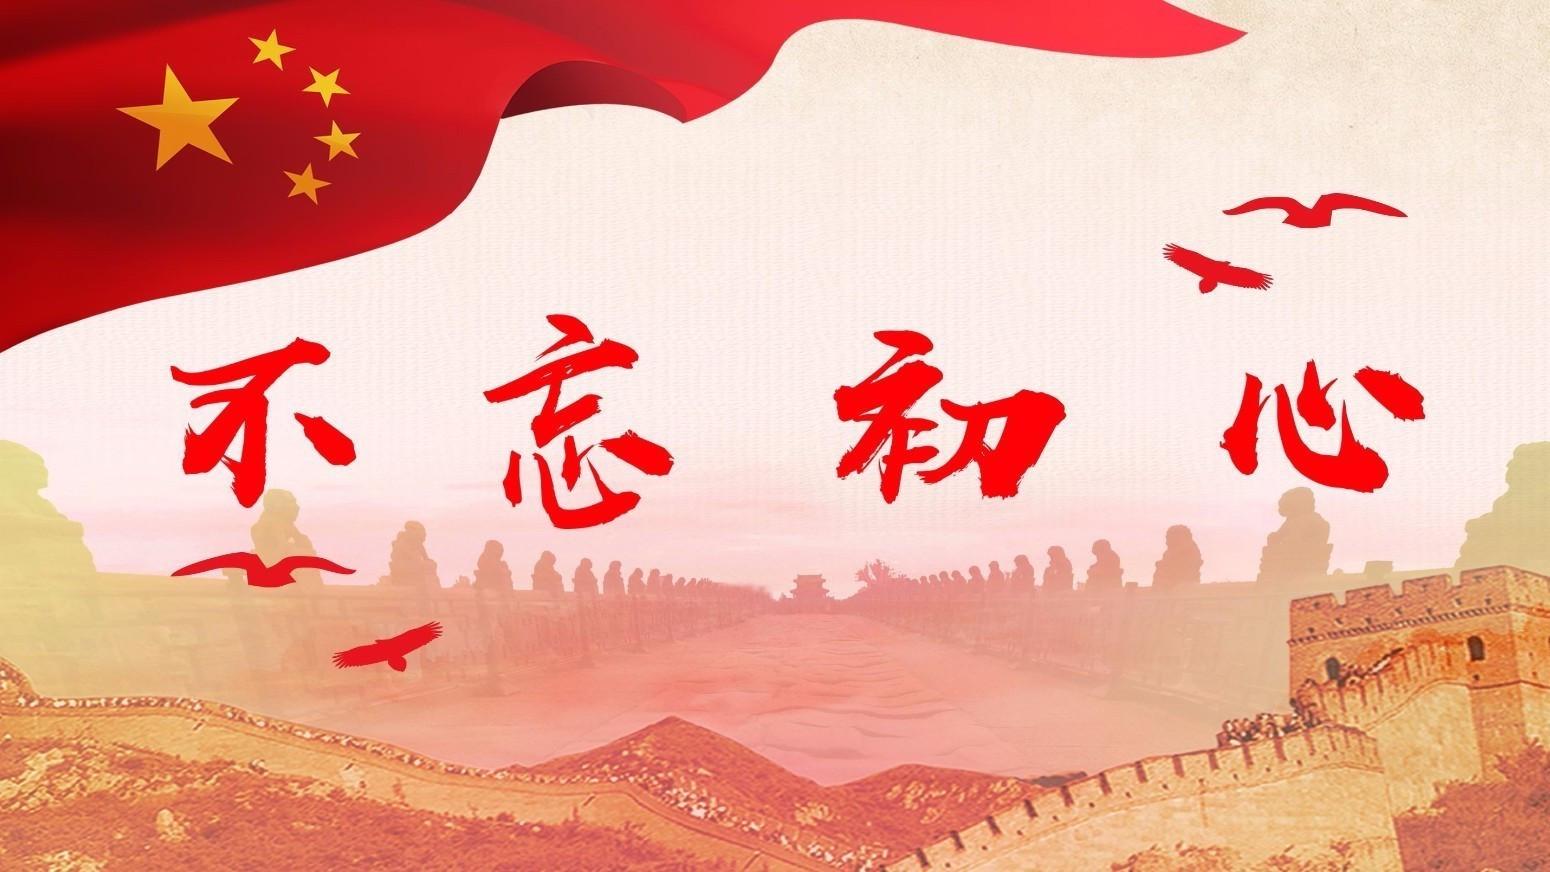 """量""""心""""而行 共筑中国梦"""